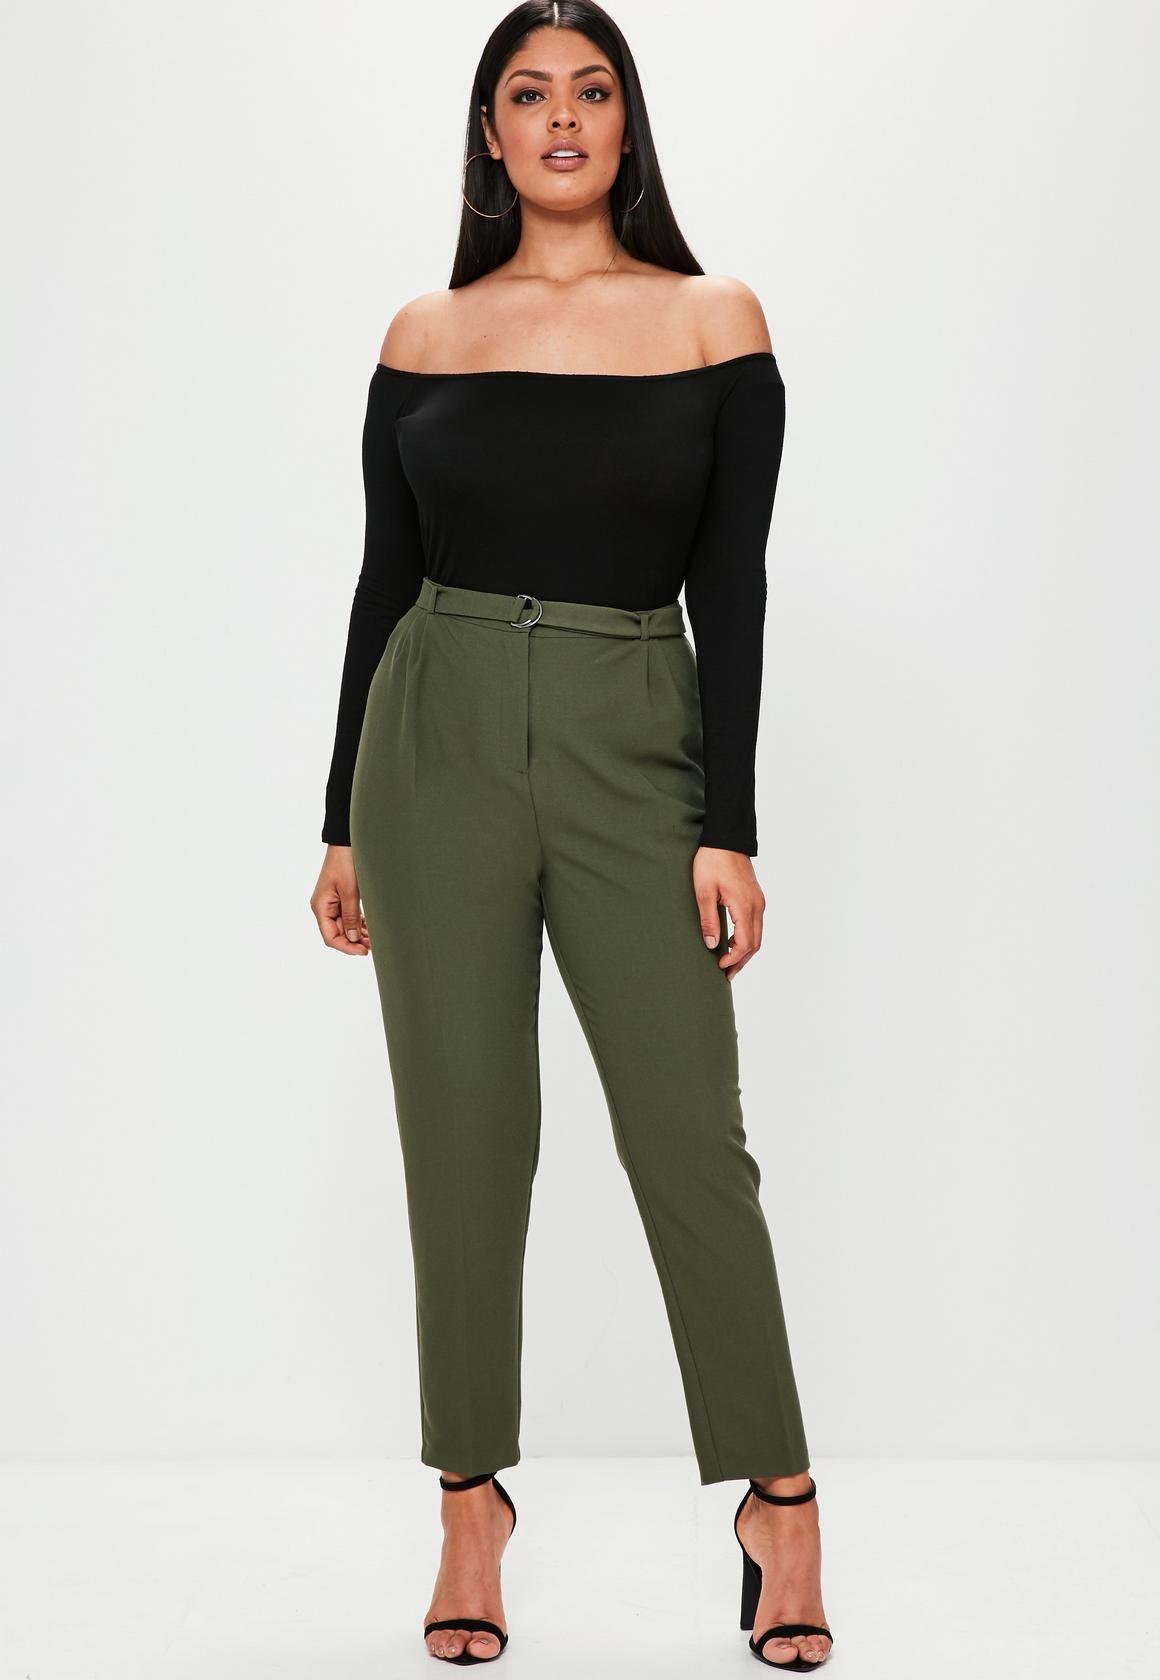 5a3aaed6c36 Missguided - Plus Size Khaki D Ring Cigarette Pants